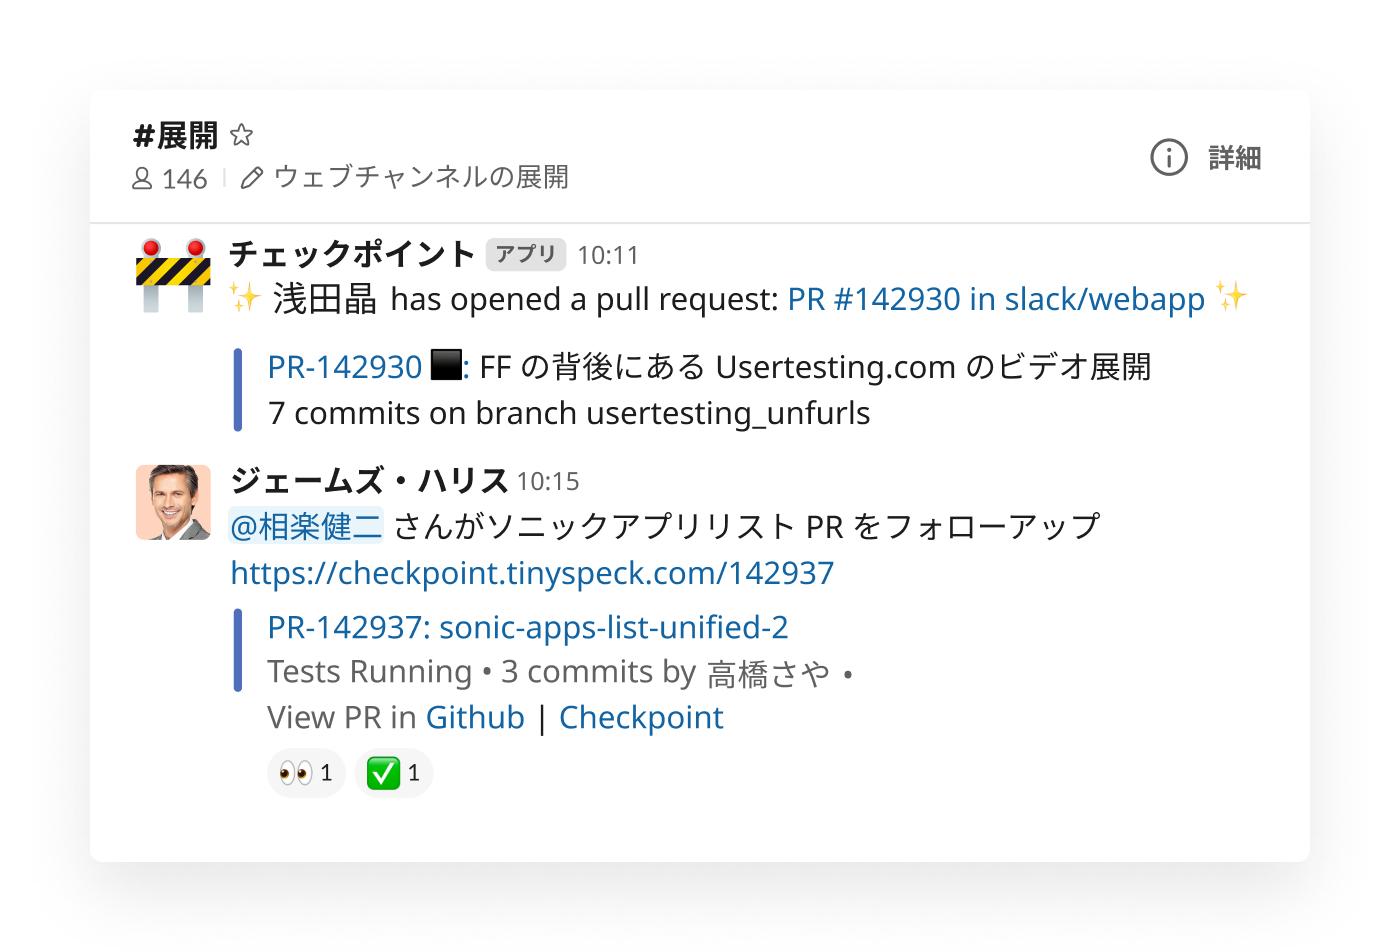 Slack での Checkpoint のインテグレーションにより、チャンネルでプルリクエストを投稿